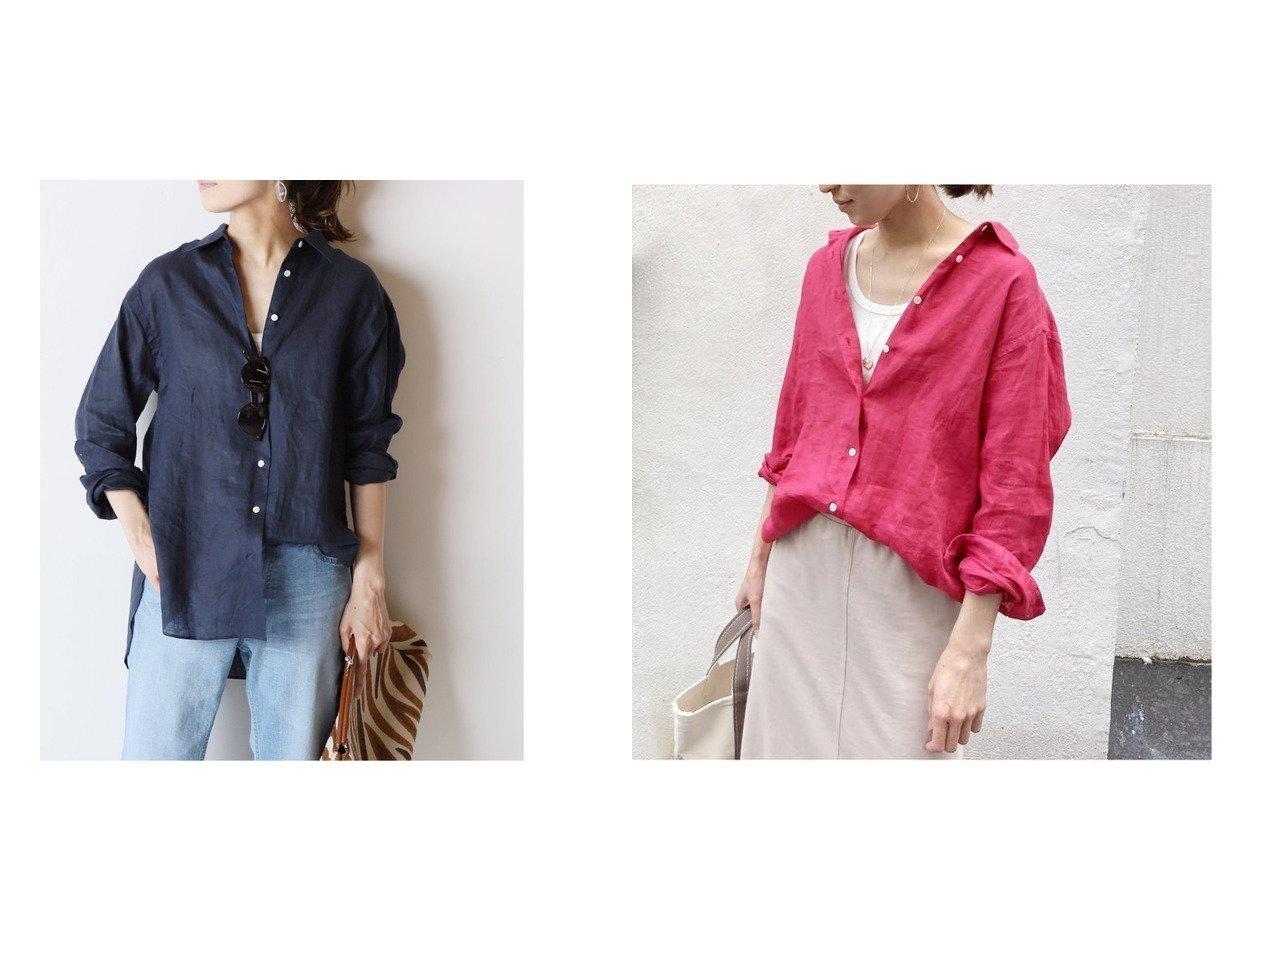 【FRAMeWORK/フレームワーク】のFRENCH LINEN シャツ2 【トップス・カットソー】おすすめ!人気、トレンド・レディースファッションの通販 おすすめで人気の流行・トレンド、ファッションの通販商品 インテリア・家具・メンズファッション・キッズファッション・レディースファッション・服の通販 founy(ファニー) https://founy.com/ ファッション Fashion レディースファッション WOMEN トップス・カットソー Tops/Tshirt シャツ/ブラウス Shirts/Blouses 2021年 2021 2021春夏・S/S SS/Spring/Summer/2021 S/S・春夏 SS・Spring/Summer フレンチ ボトム リネン 再入荷 Restock/Back in Stock/Re Arrival 夏 Summer 定番 Standard 春 Spring  ID:crp329100000049528